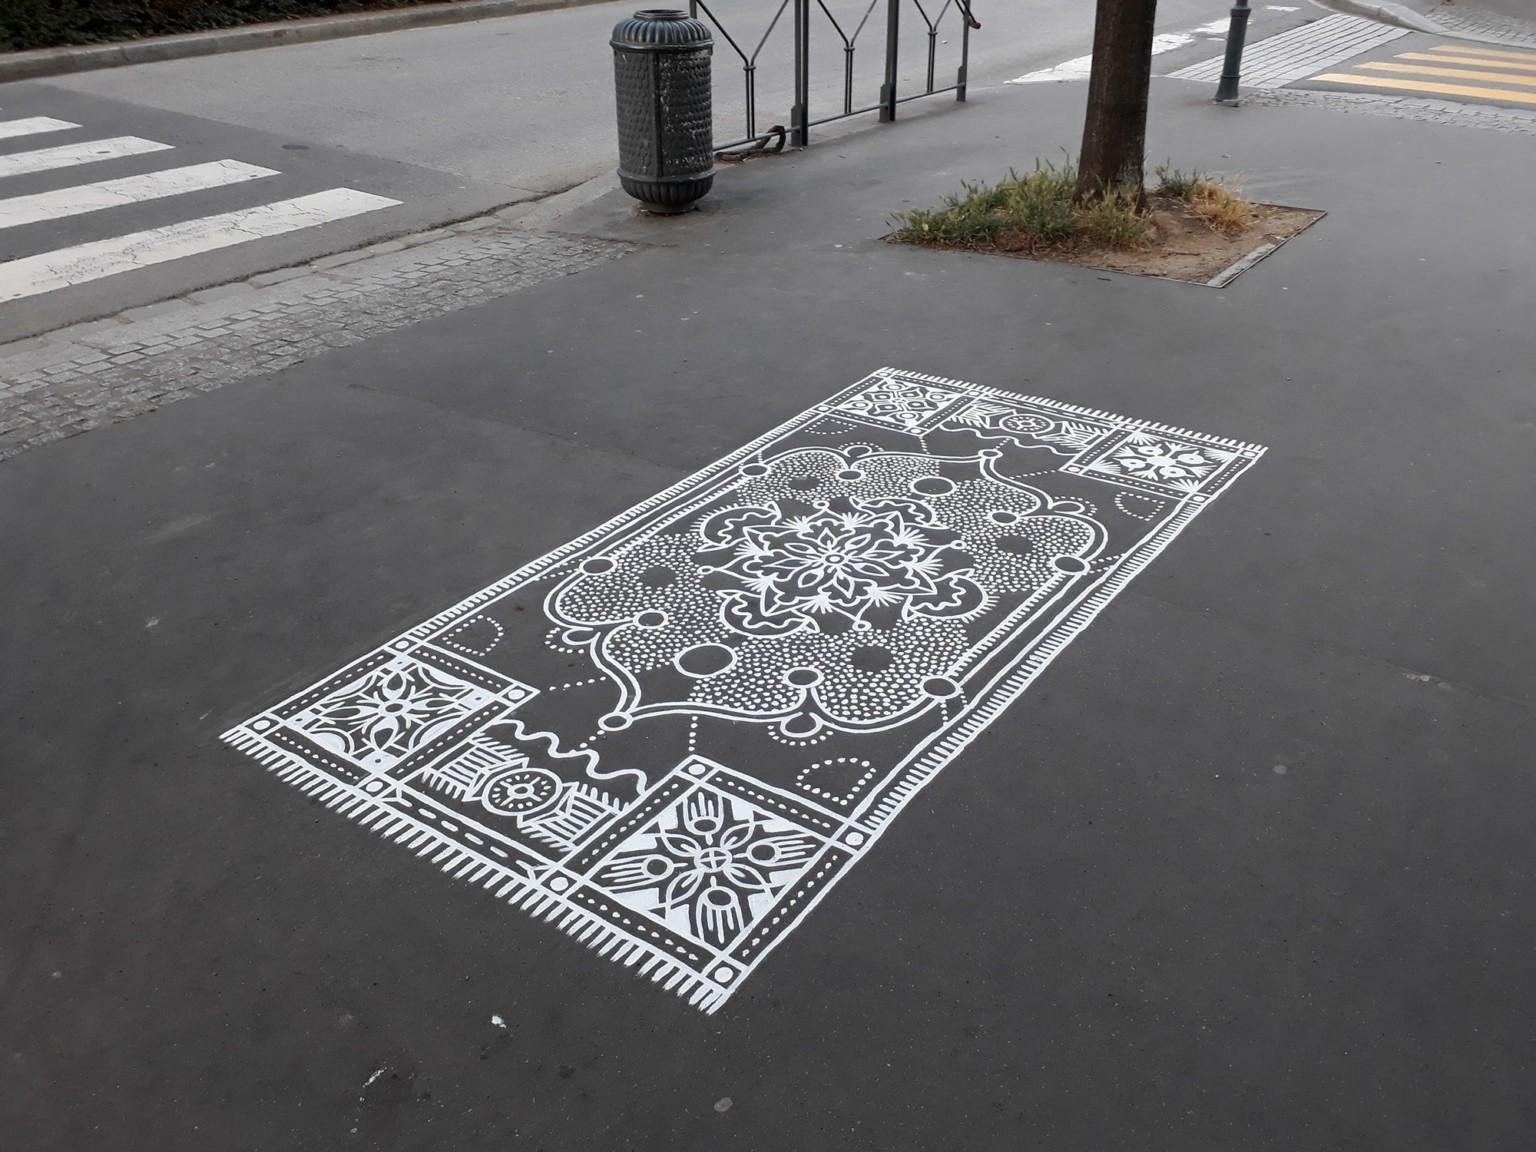 Painted Street Carpets by Arthur-Louis Ignoré